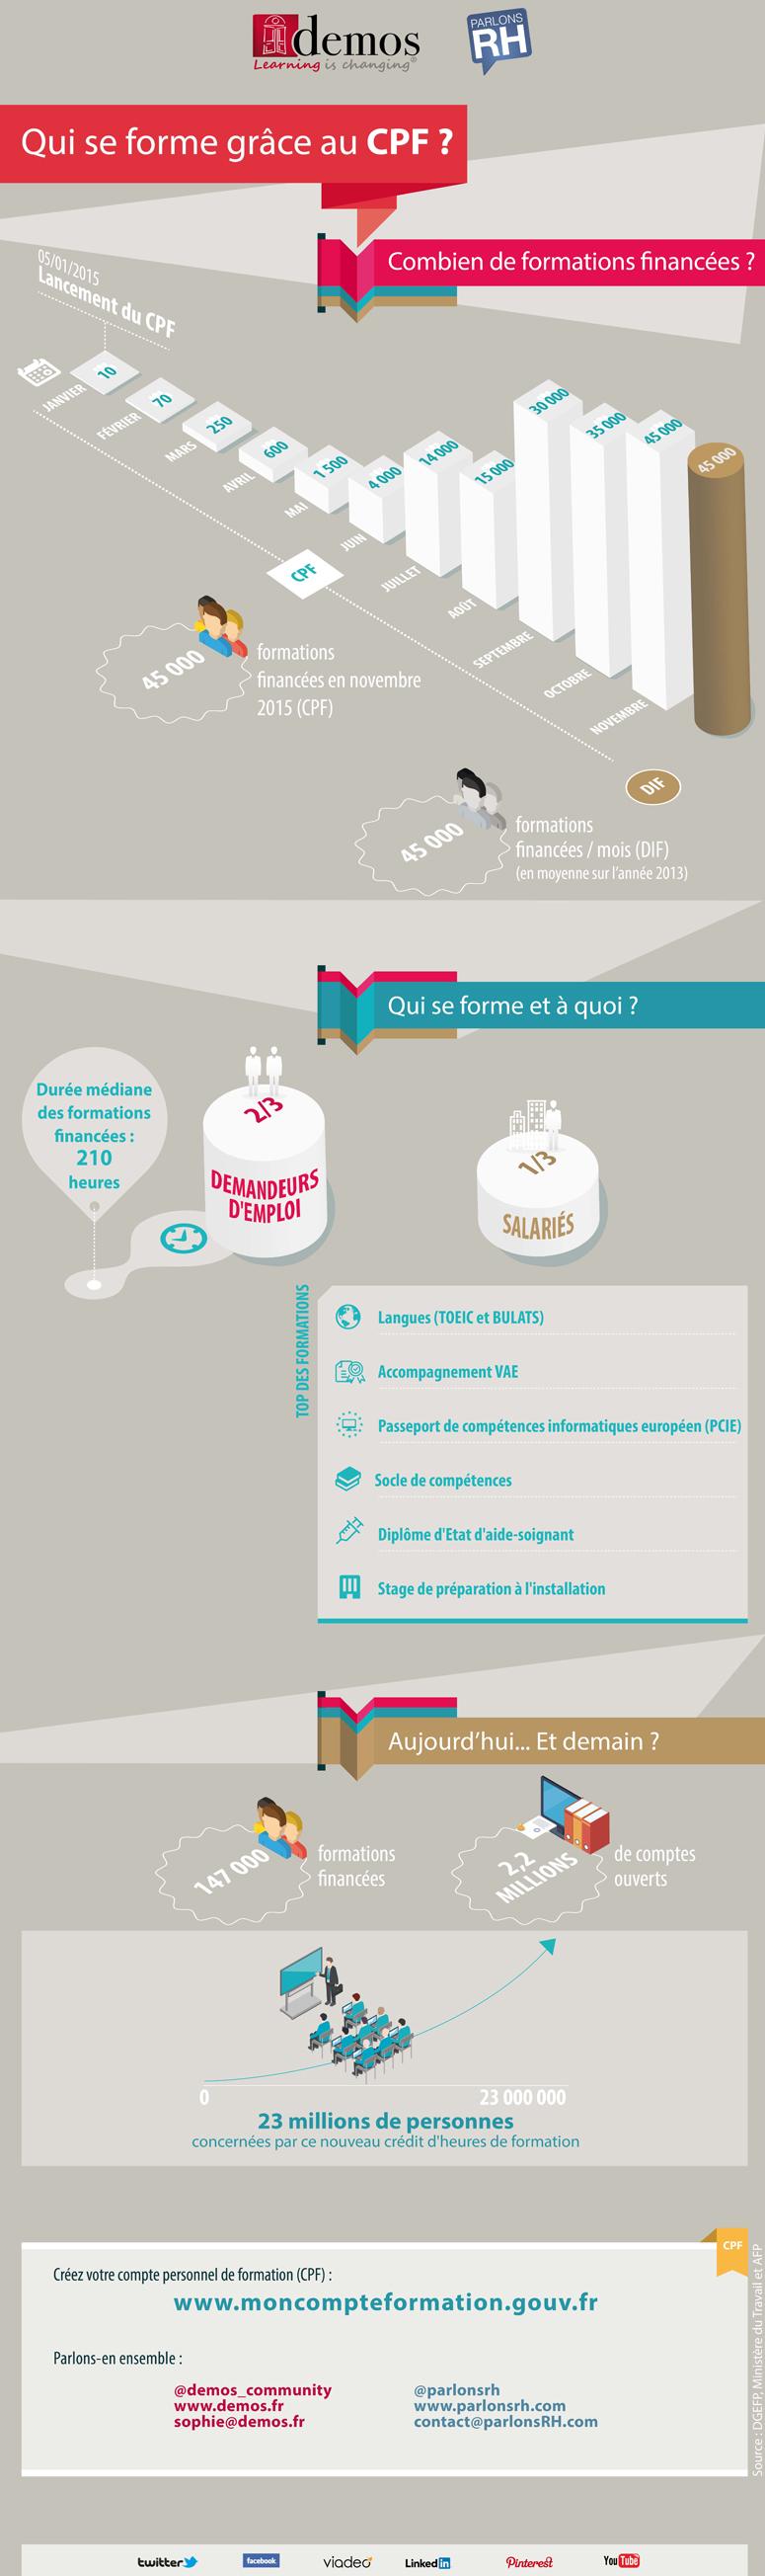 Demos et Parlons RH proposent une infographie sur le CPF